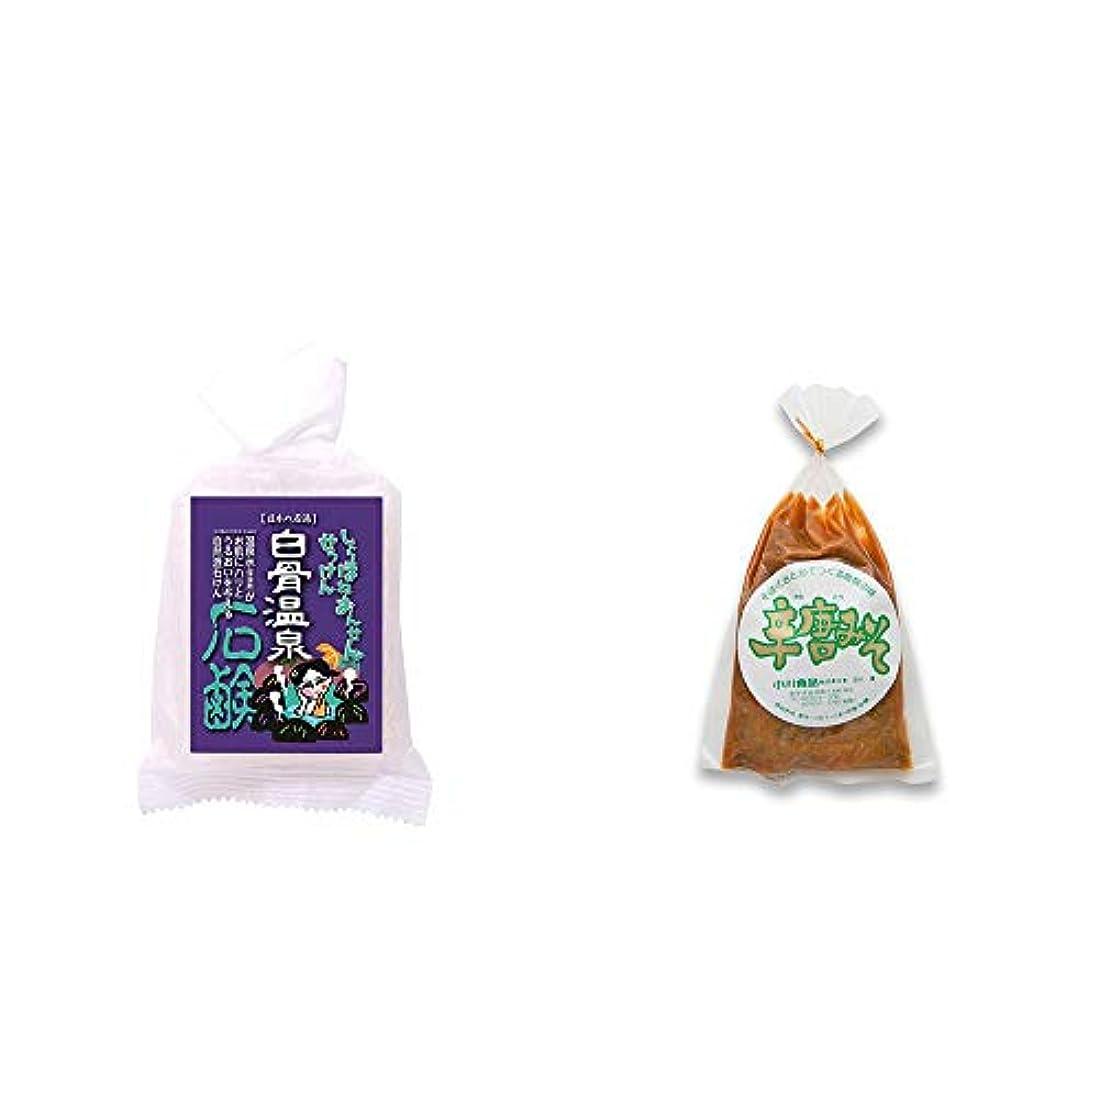 フォージ恥しかしながら[2点セット] 信州 白骨温泉石鹸(80g)?辛唐みそ(130g)